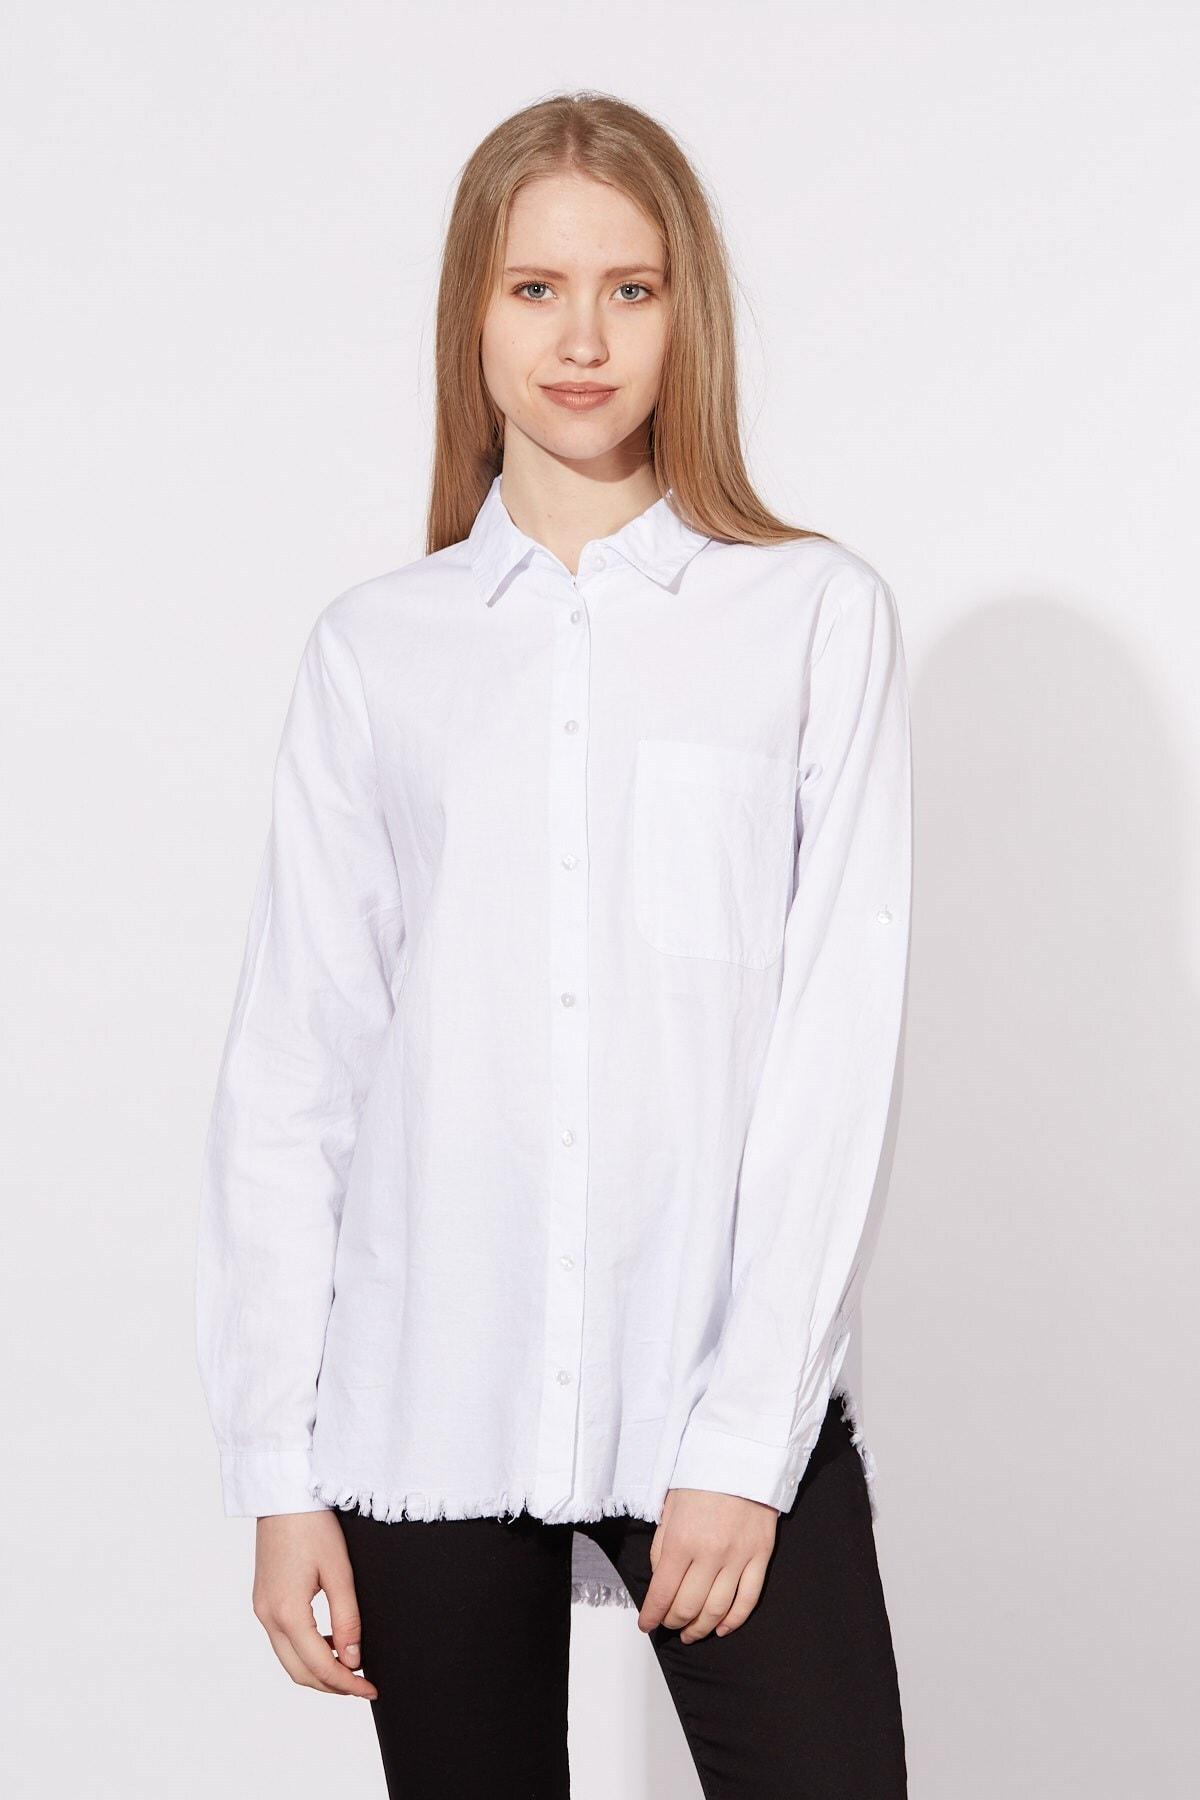 BARRELS AND OIL Kadın Beyaz Tek Cepli Oxford Gömlek 344-20Y03041.55